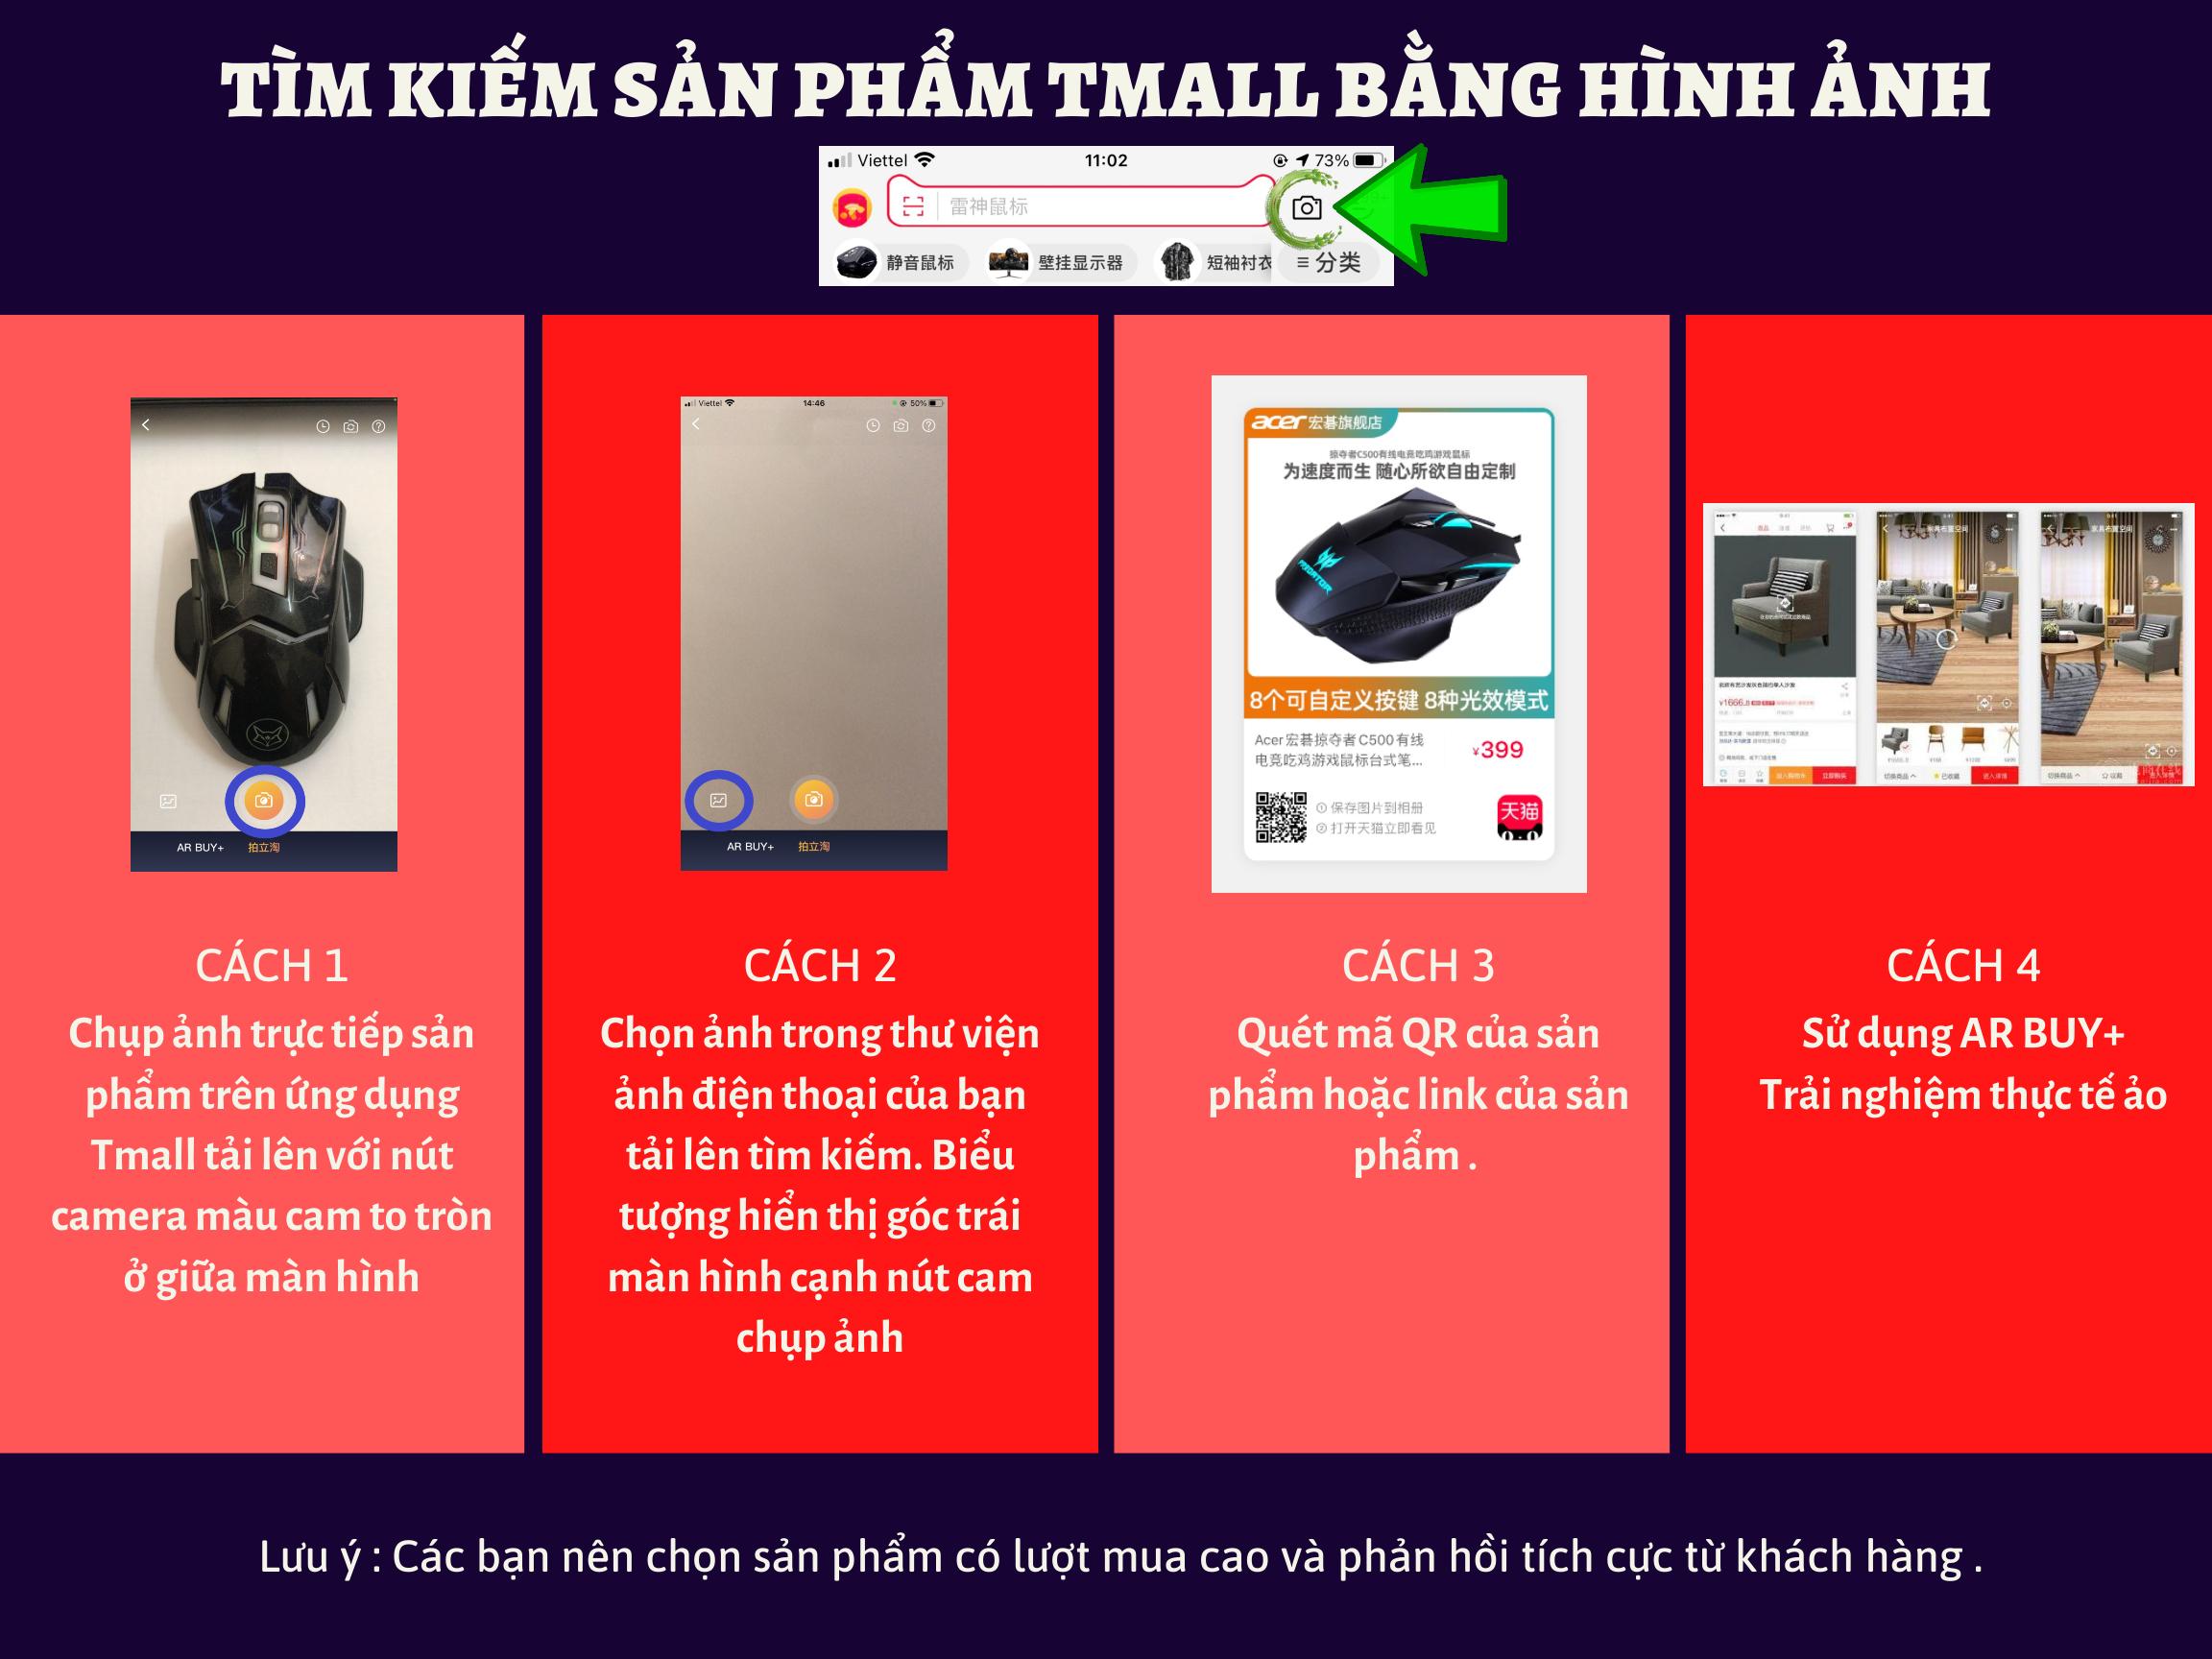 tìm kiếm sản phẩm bằng hình ảnh tmall-toptaobao